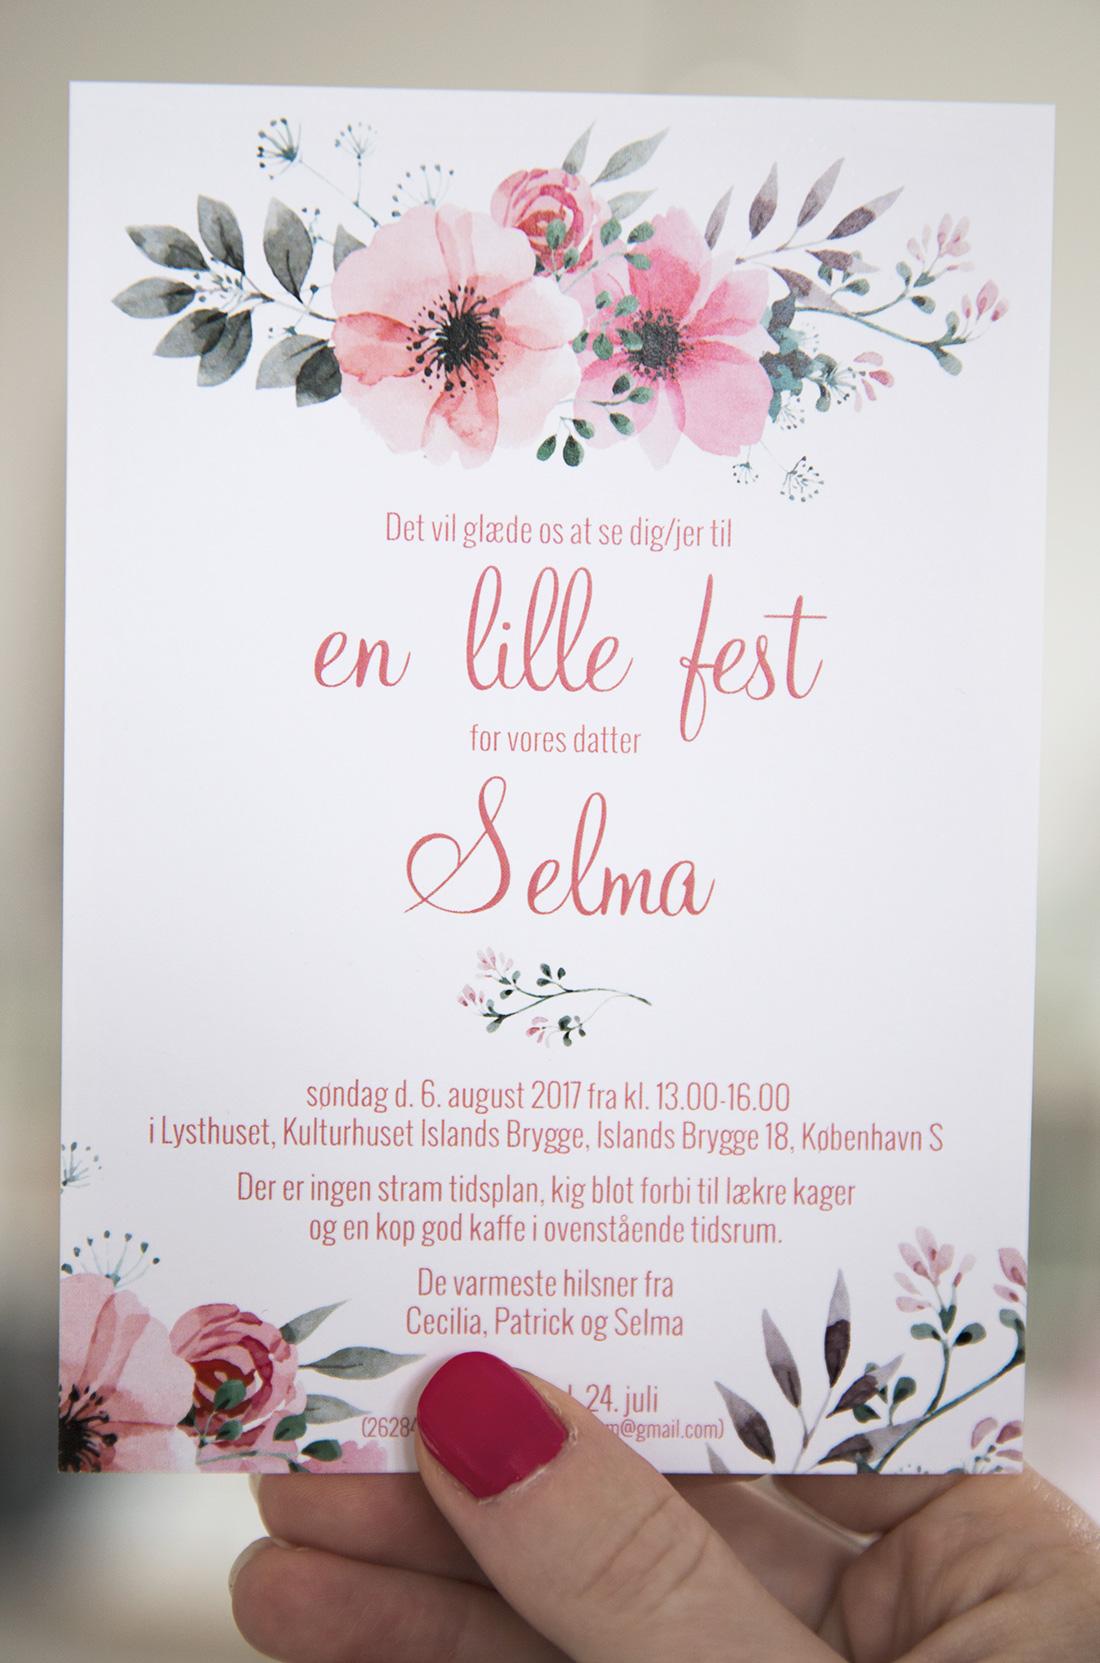 gratis download invitationer til barnedåb og navngivningsfest